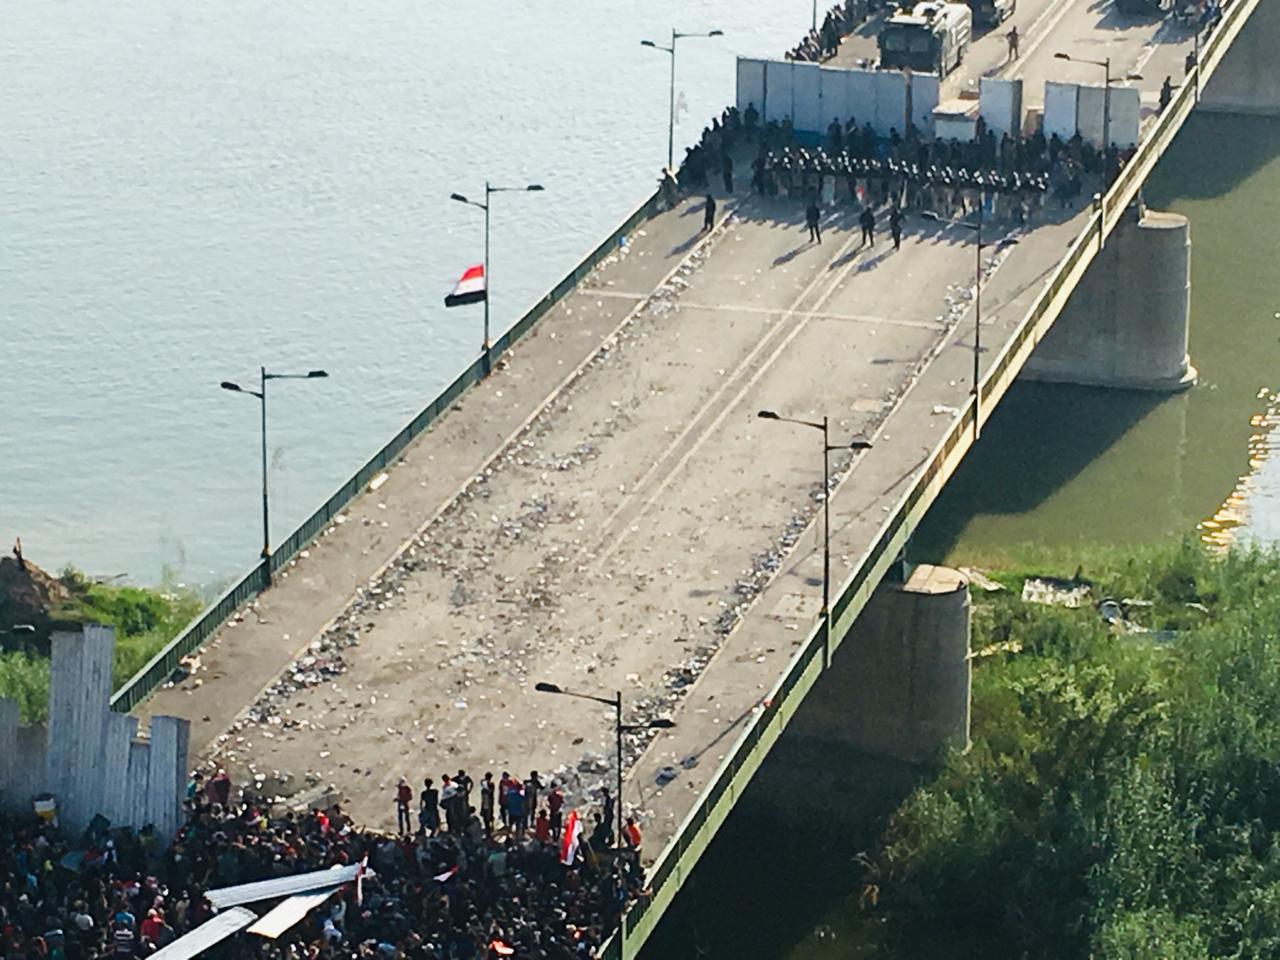 المتظاهرون يعبرون الحاجز الاول من جسر الجمهورية بساحة التحرير في بغداد